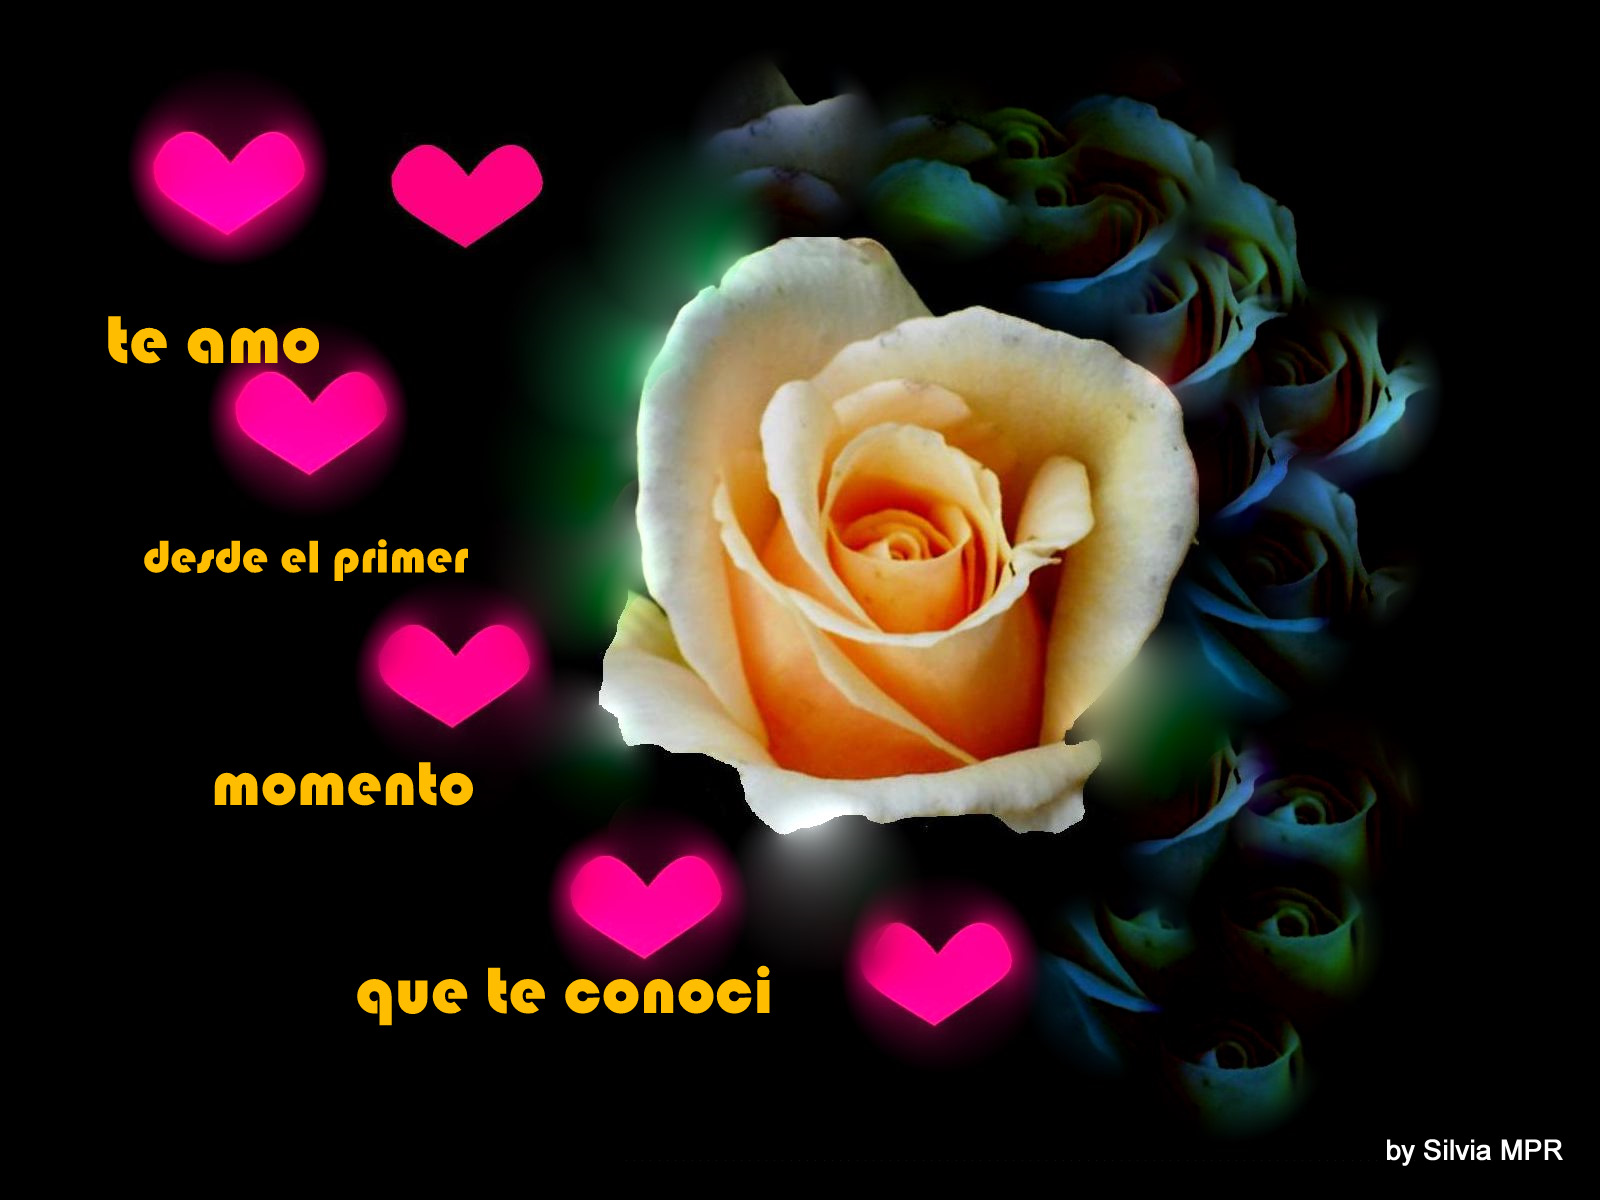 imagenes de amor con frase de amor romanticas con corazones te amo ...